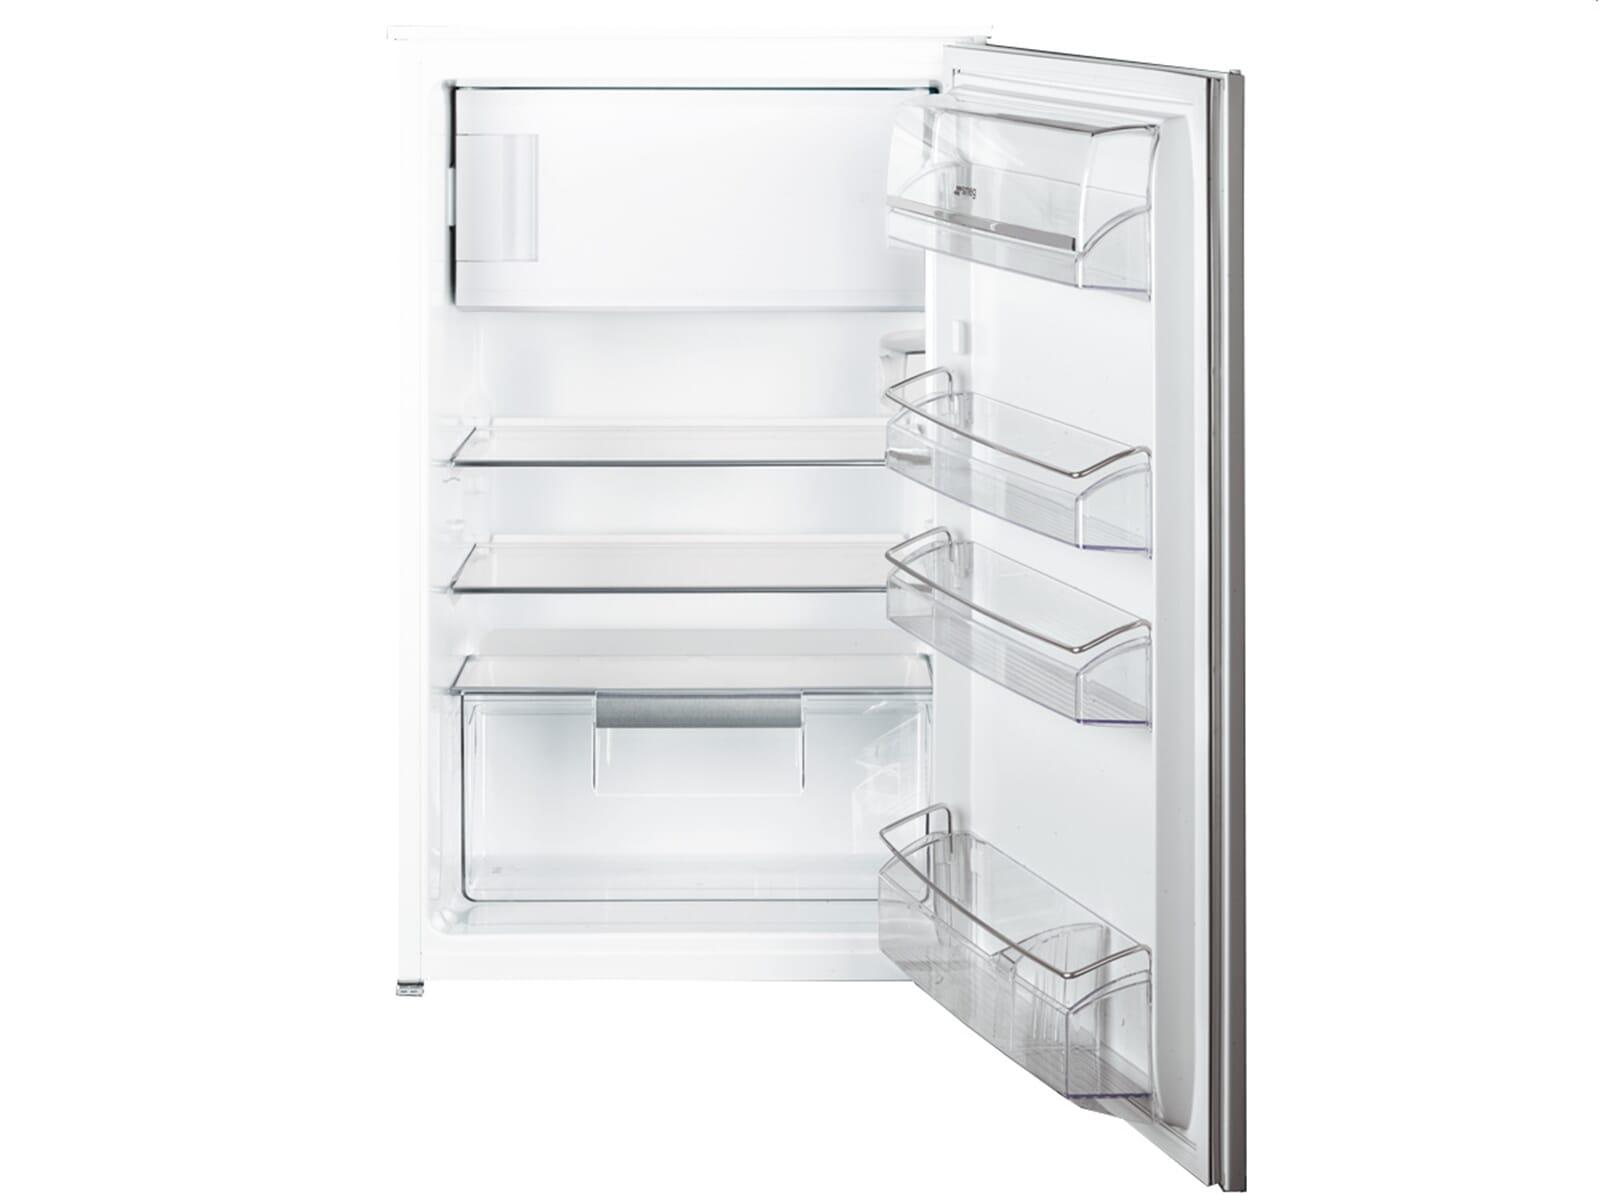 Smeg Kühlschrank Innen : Smeg s cs p einbaukühlschrank